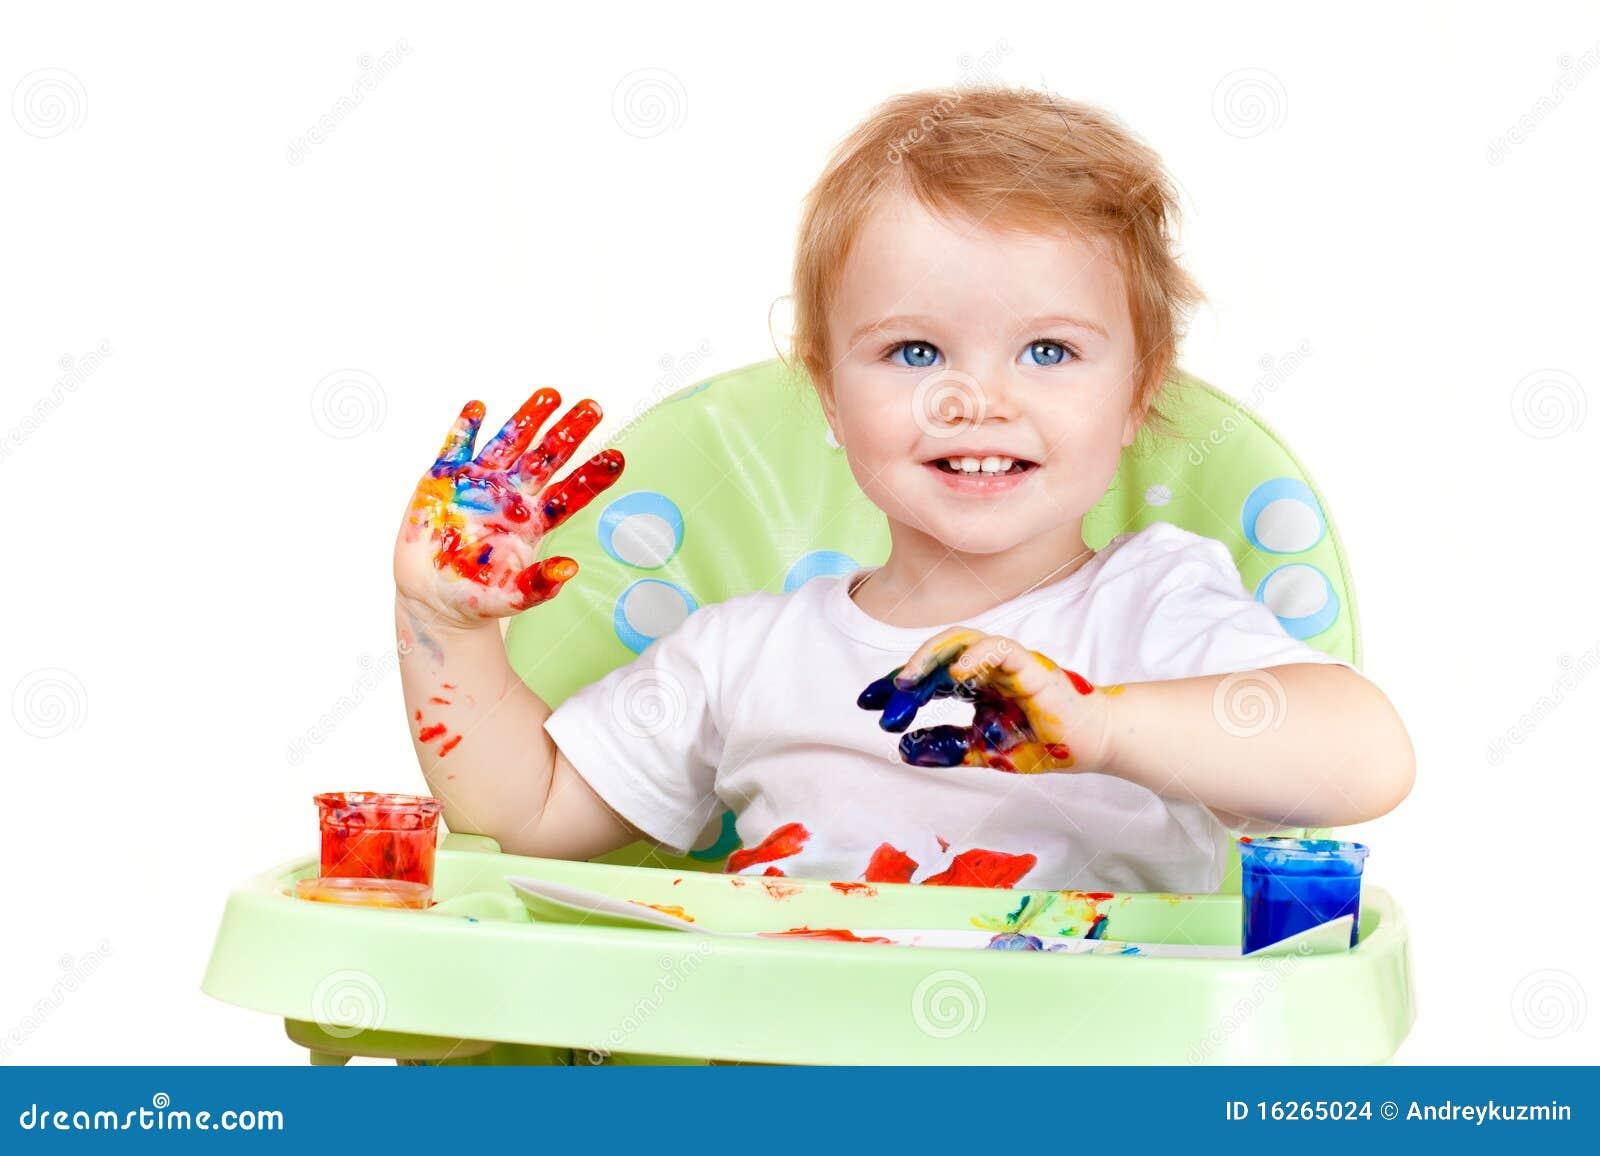 La neonata crea la maschera con le mani verniciate